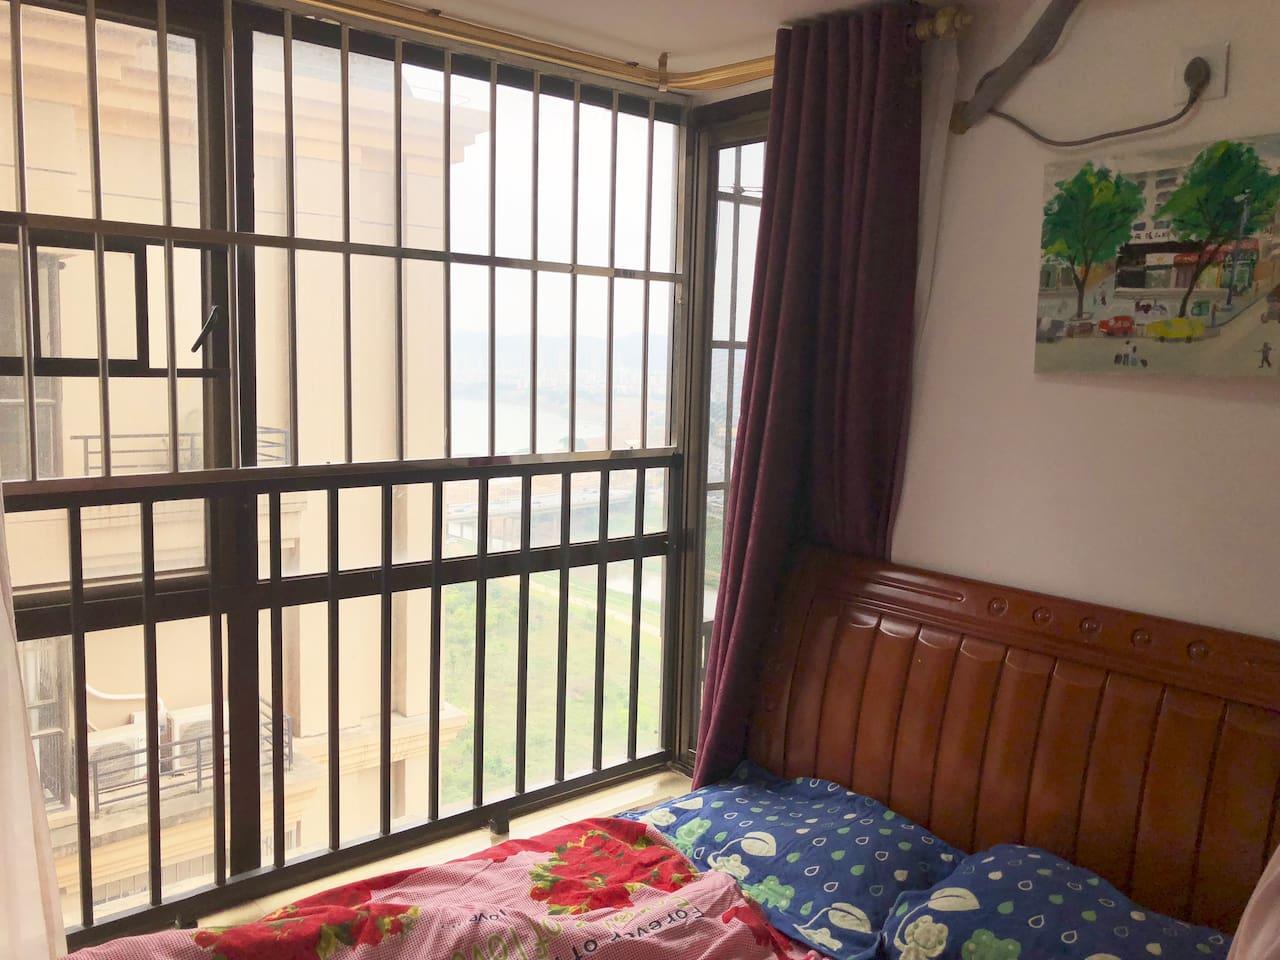 这是房客会居住的房间,窗外可以看到一些江景。床头的墙上挂着我先生画的画,画的是他家乡的一角街景。